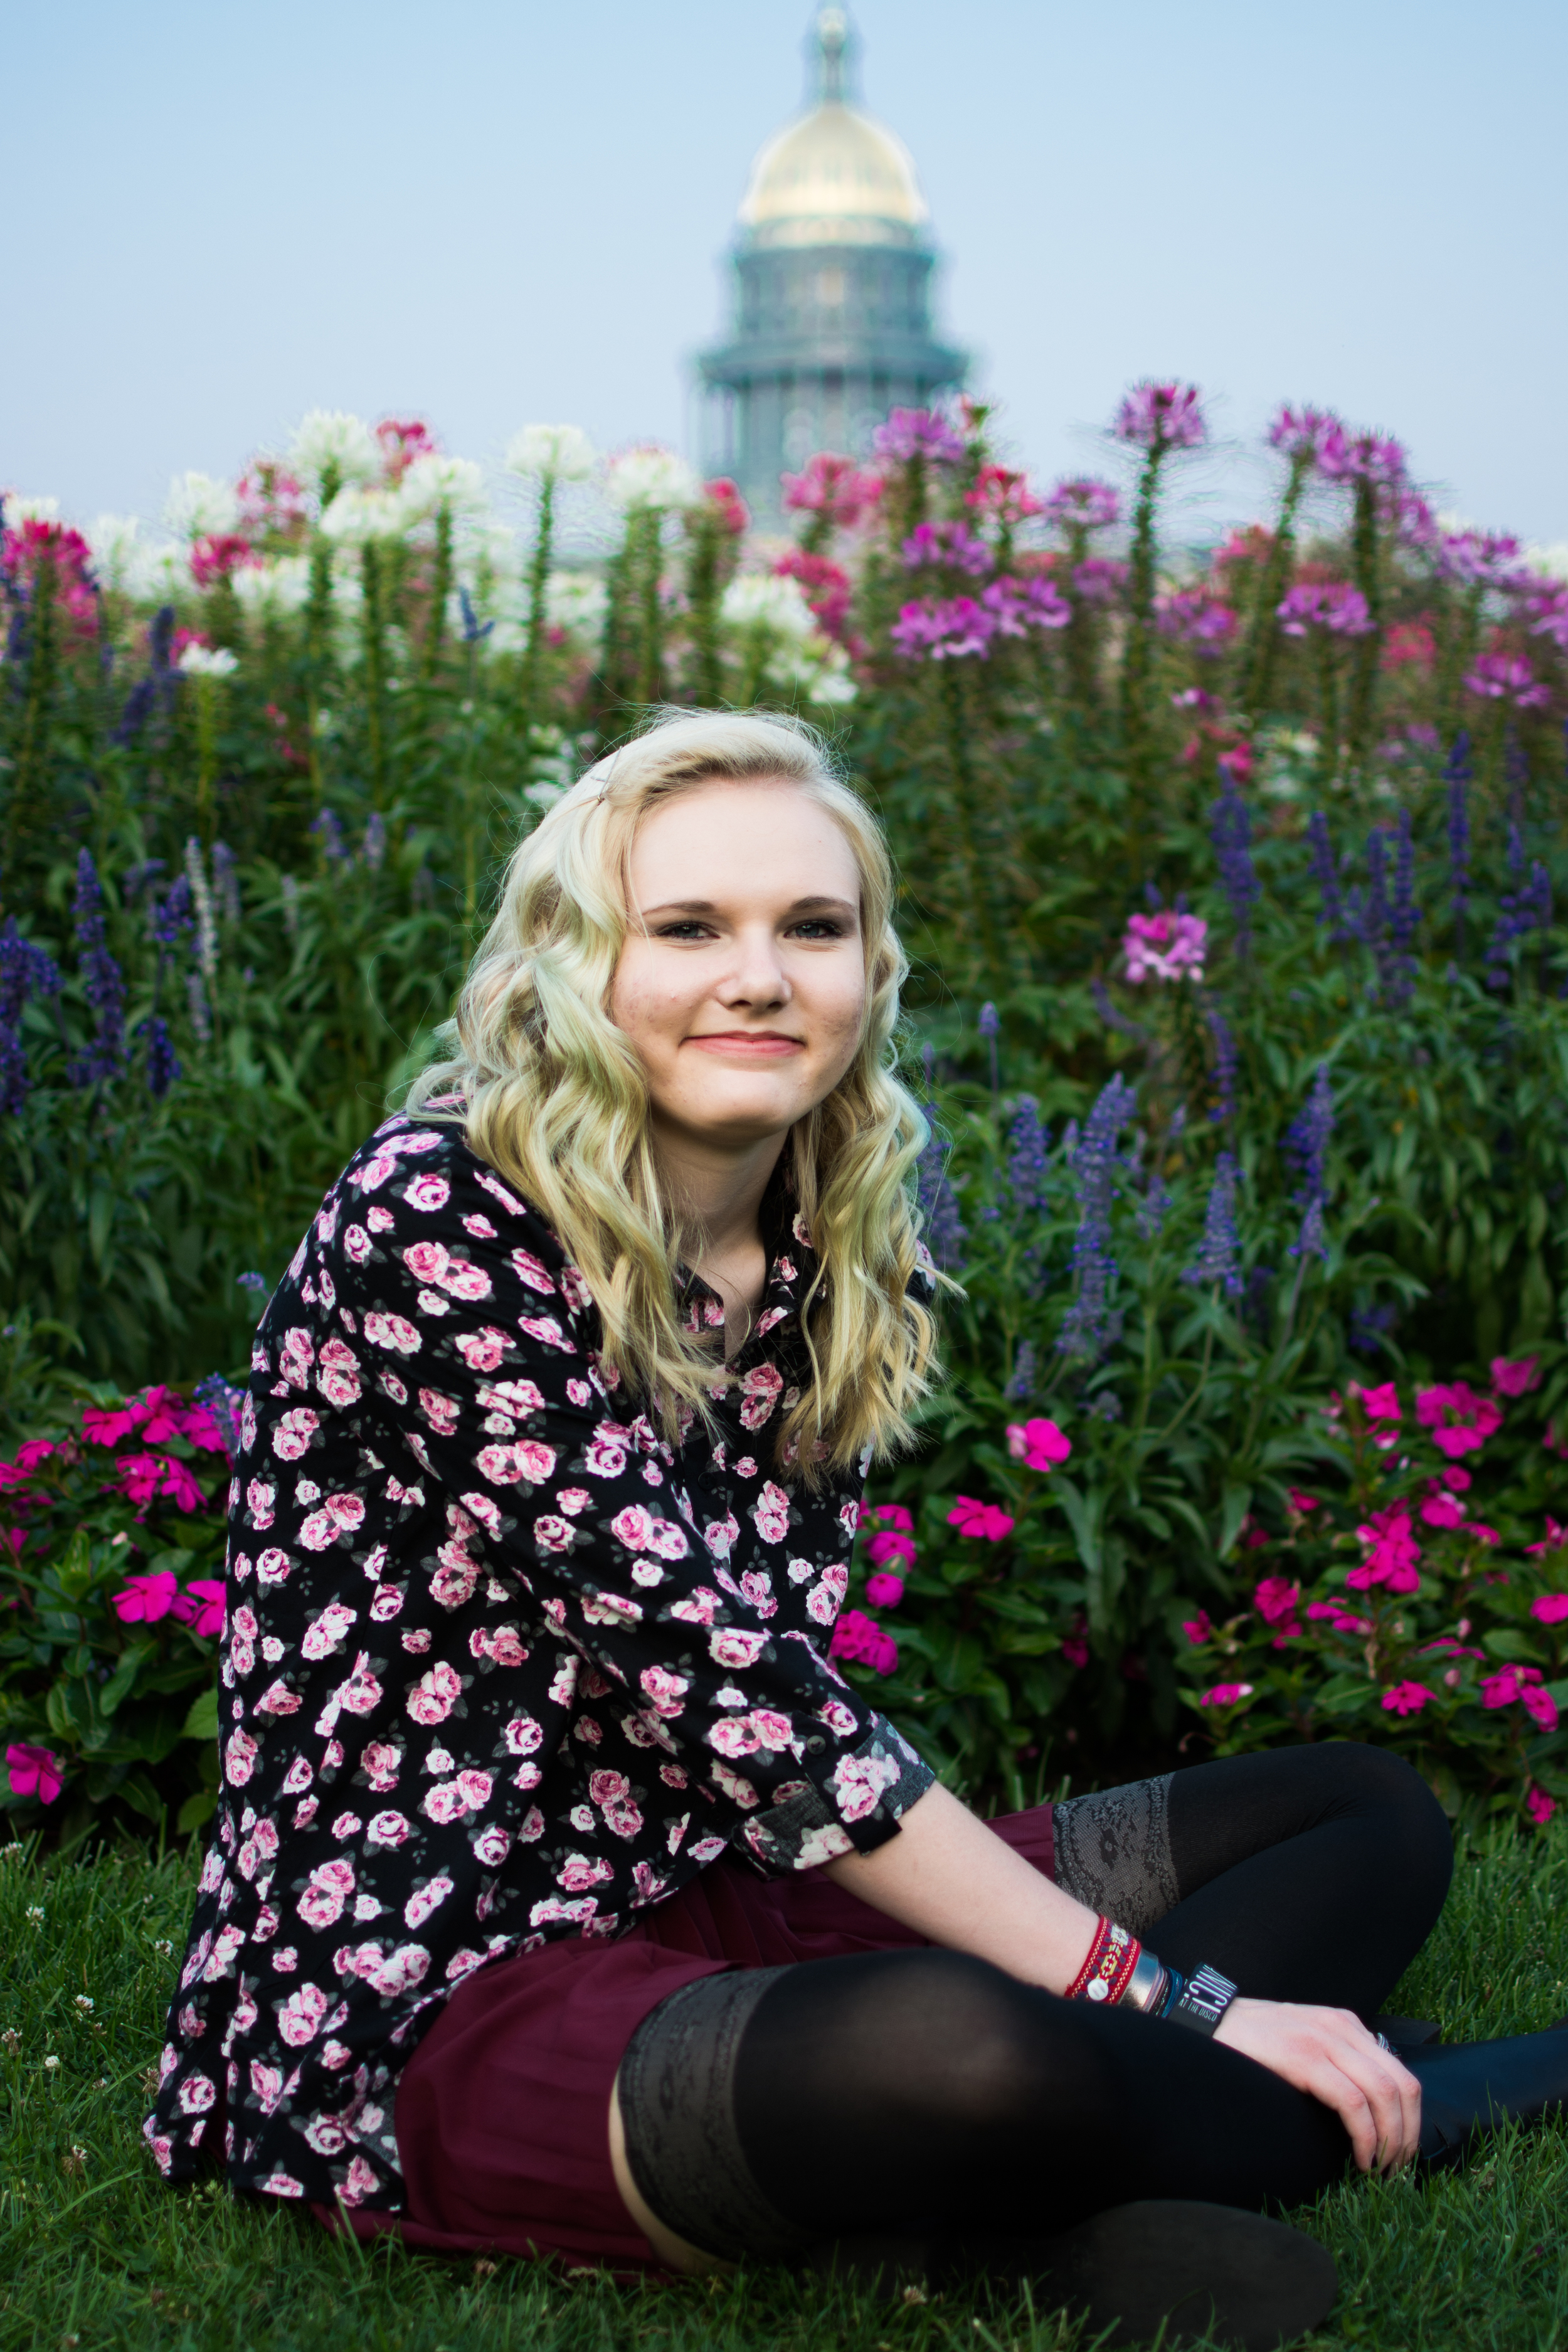 IsabellaParkerbyJordanAltergott-43.jpg